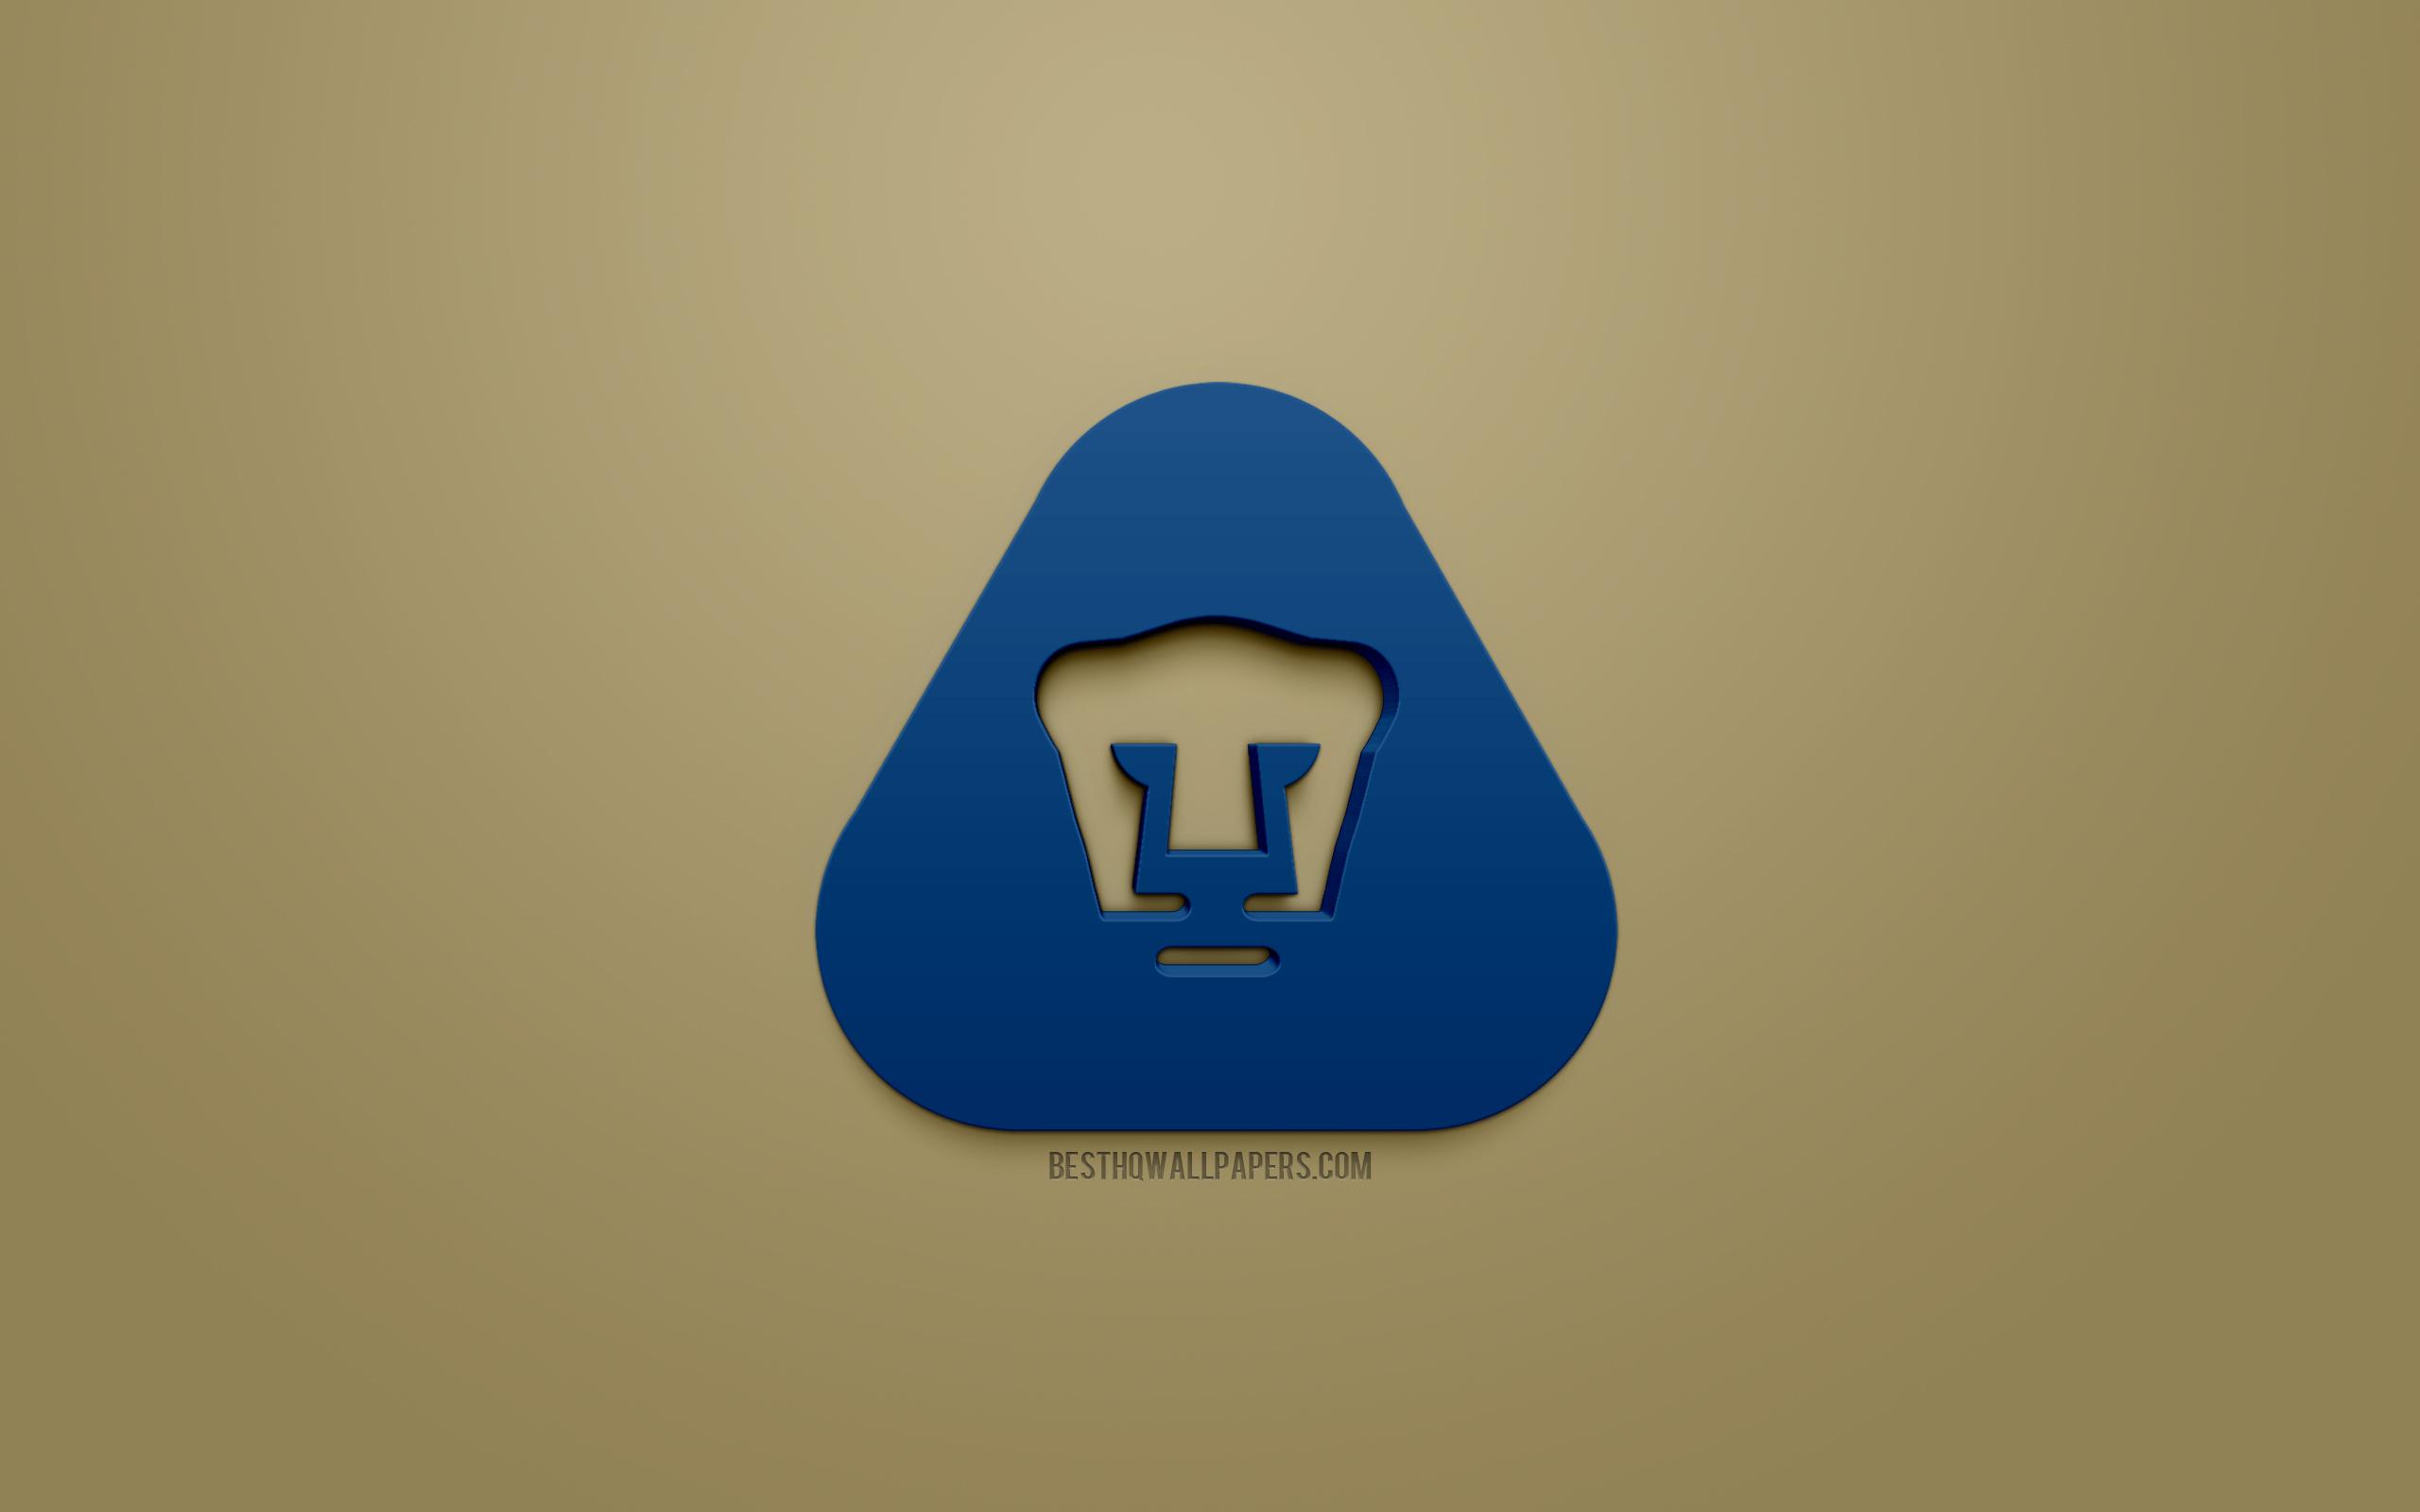 Download wallpapers UNAM Pumas Club Universidad Nacional blue 3d 2560x1600